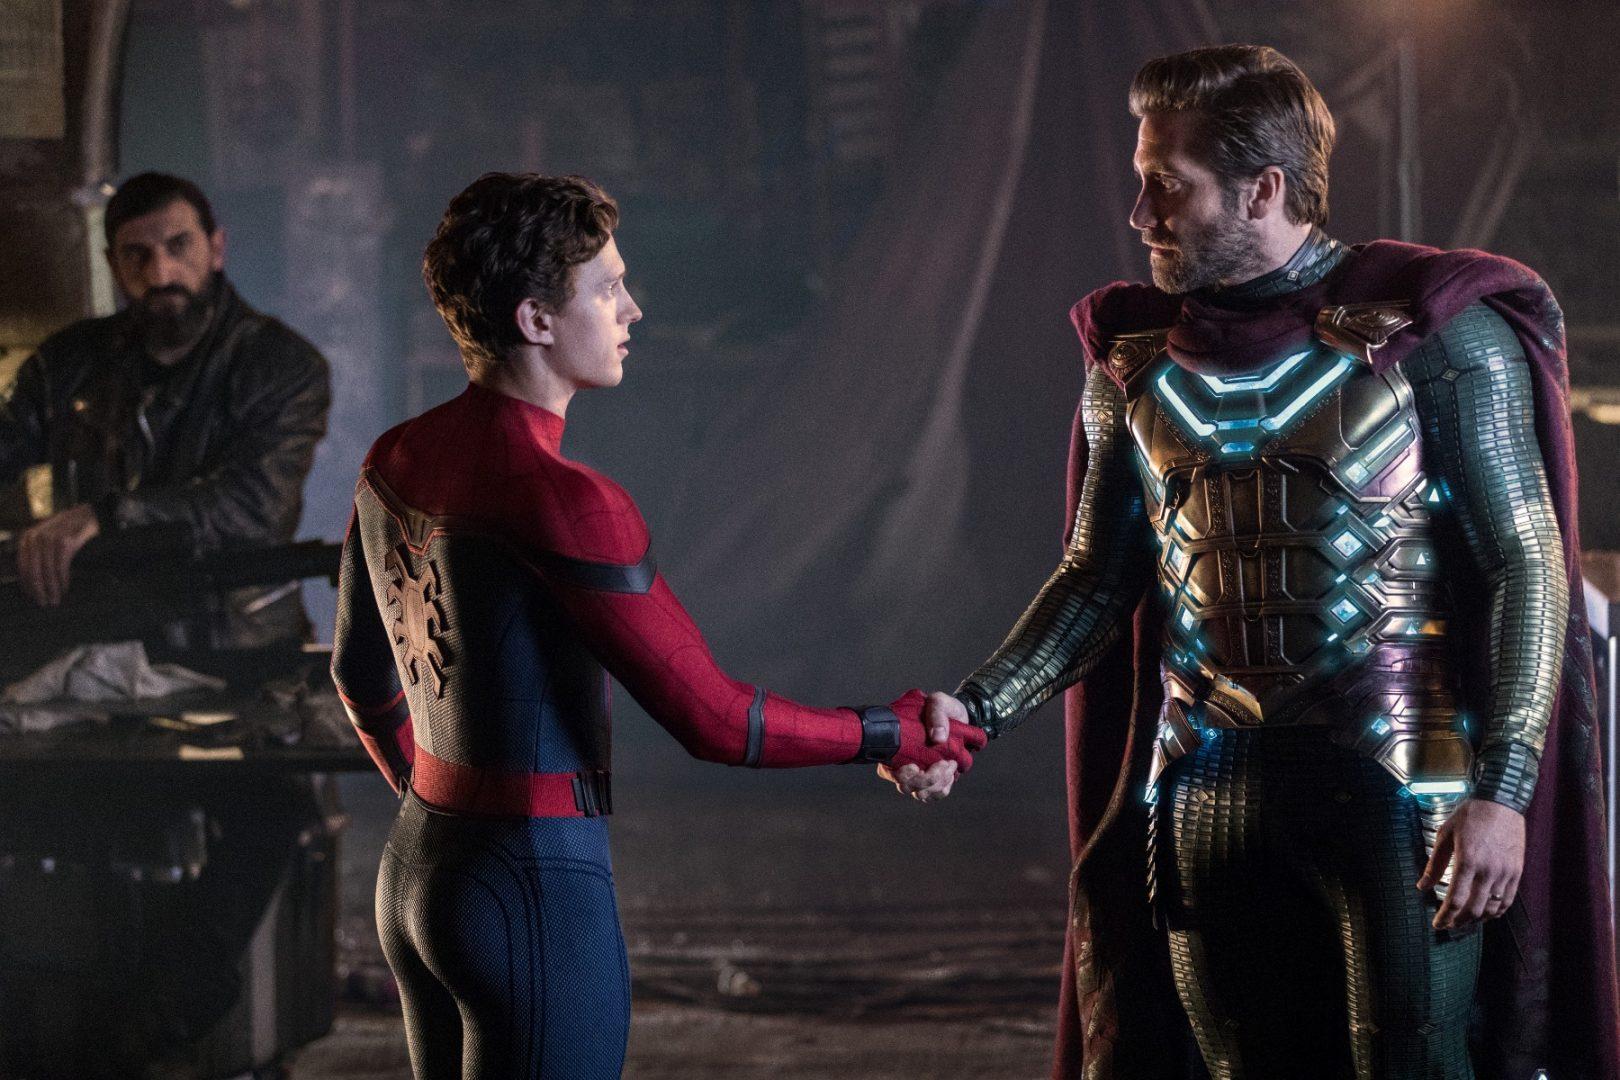 Prvé reakcie na Spider-Man: Ďaleko od domova